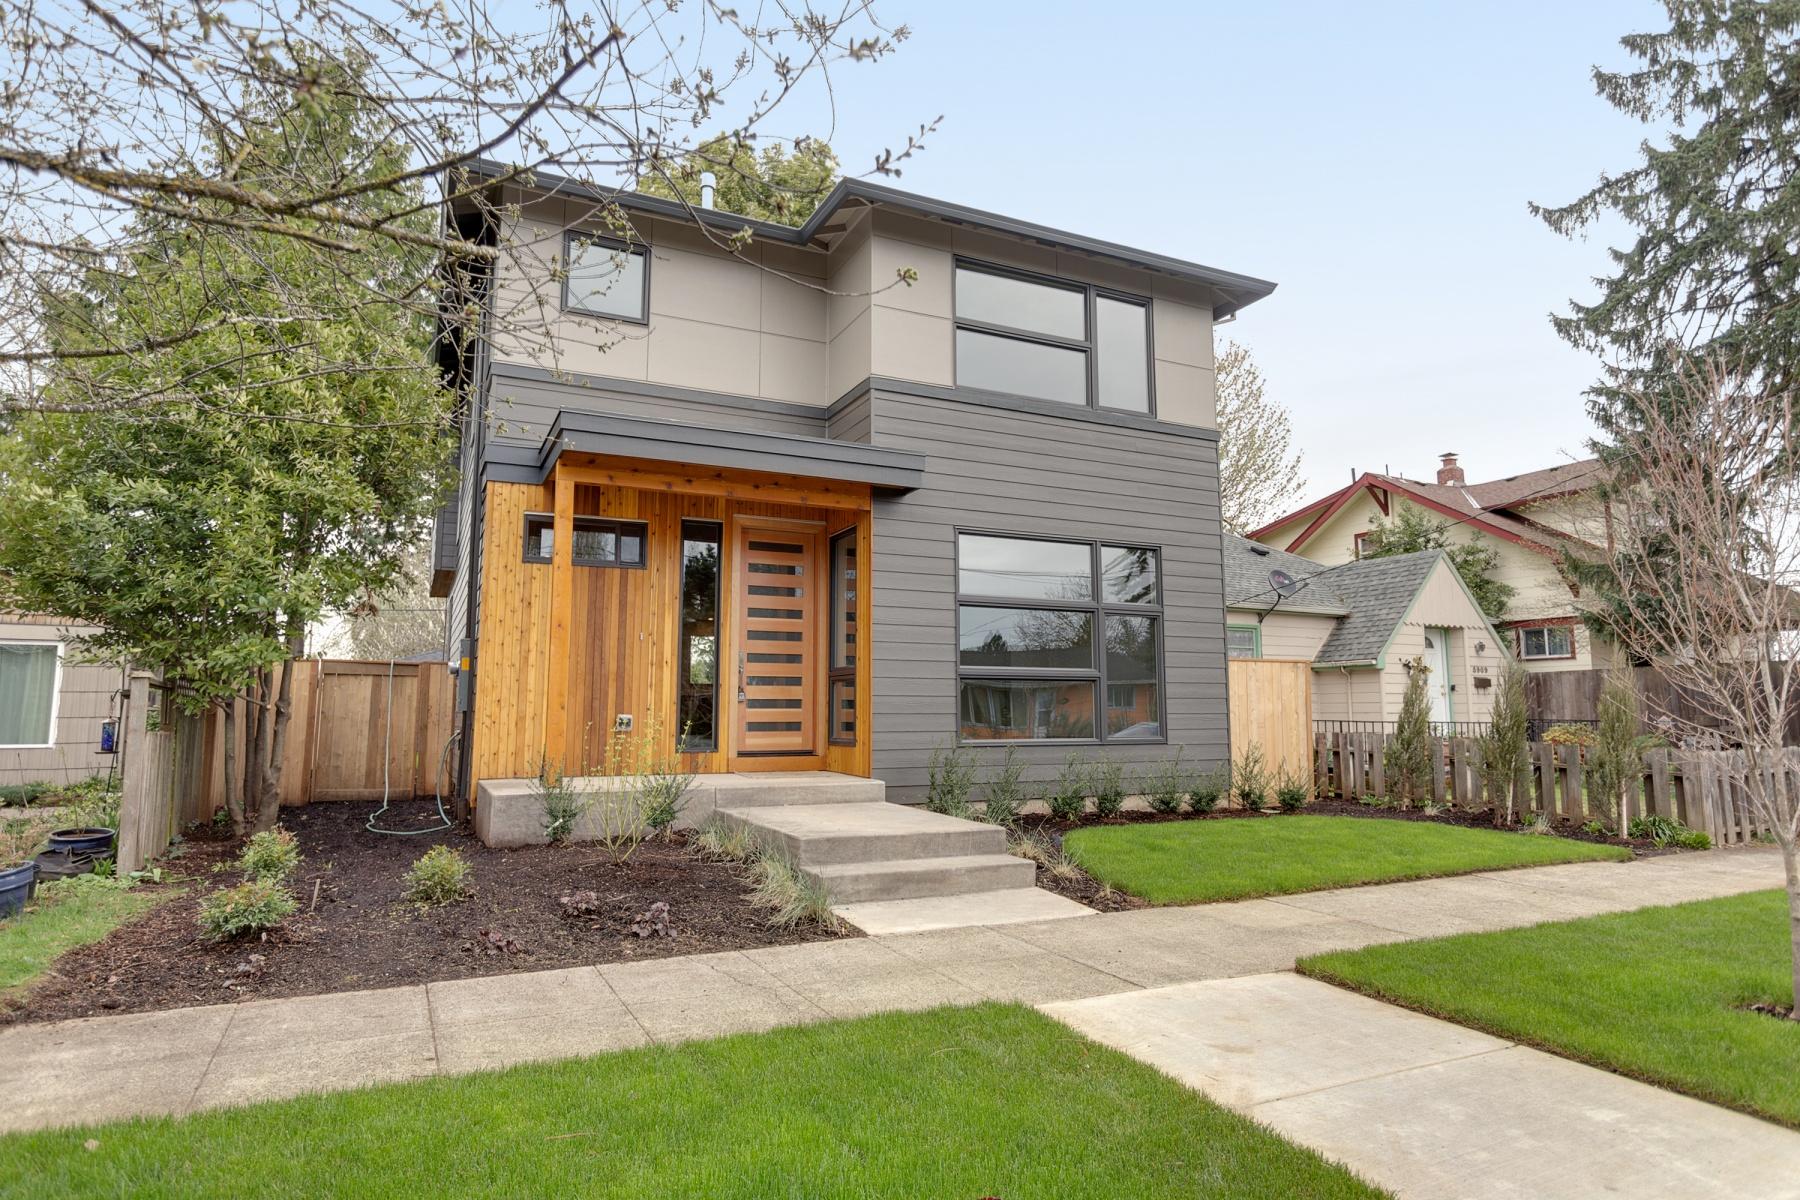 独户住宅 为 销售 在 5903 SE KNIGHT, PORTLAND 5903 SE KNIGHT St 波特兰, 俄勒冈州, 97206 美国